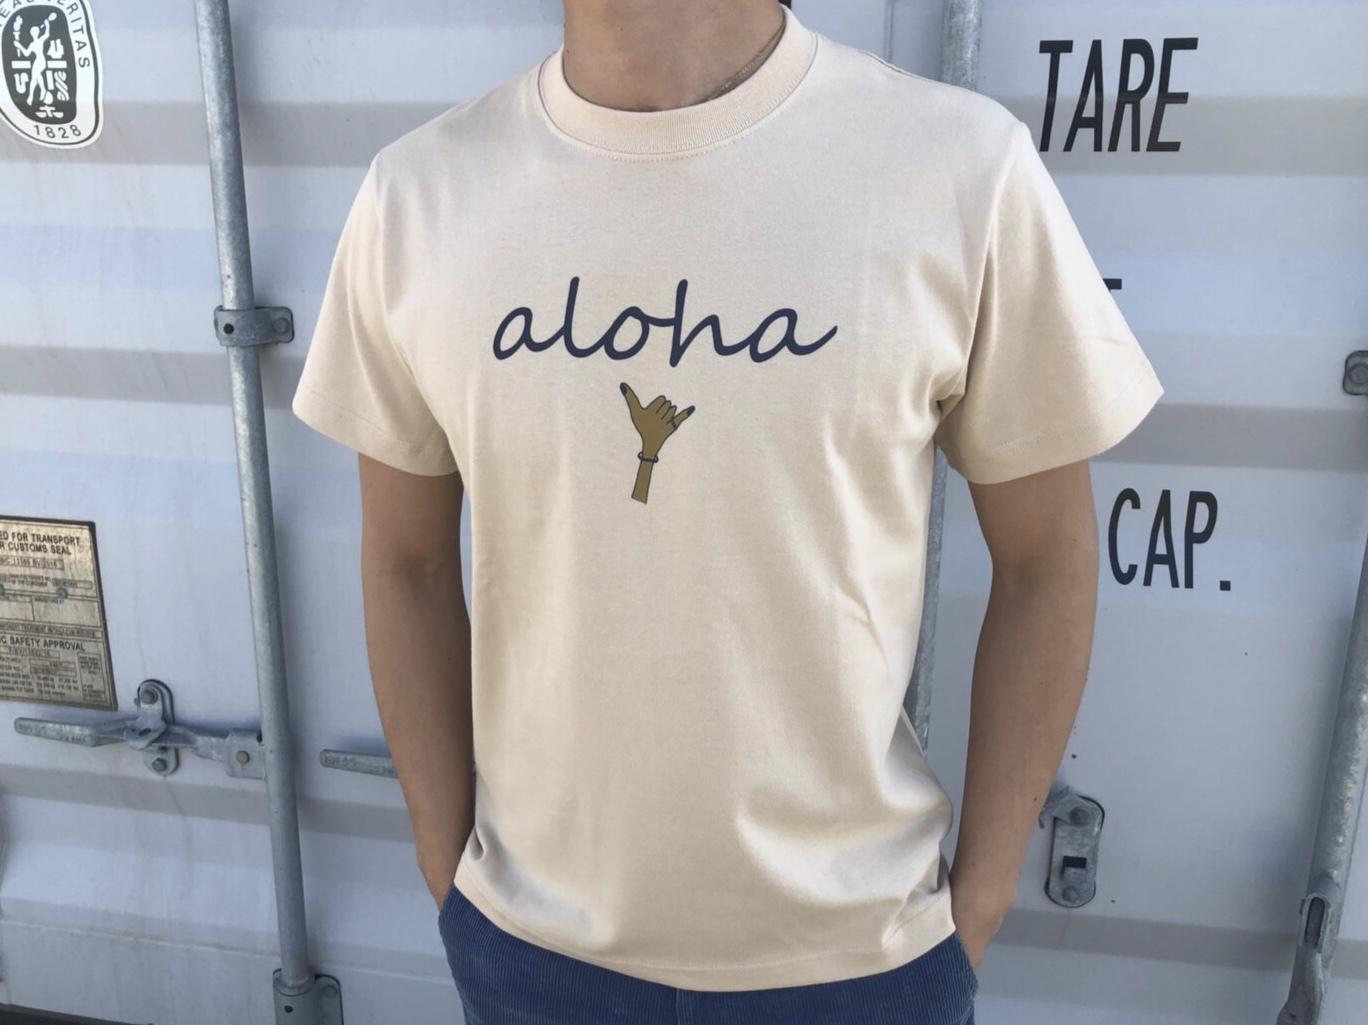 【7/3 21:00再入荷】(Fine7月号掲載) alohaサイン Tシャツ(beige 日焼けサイン)